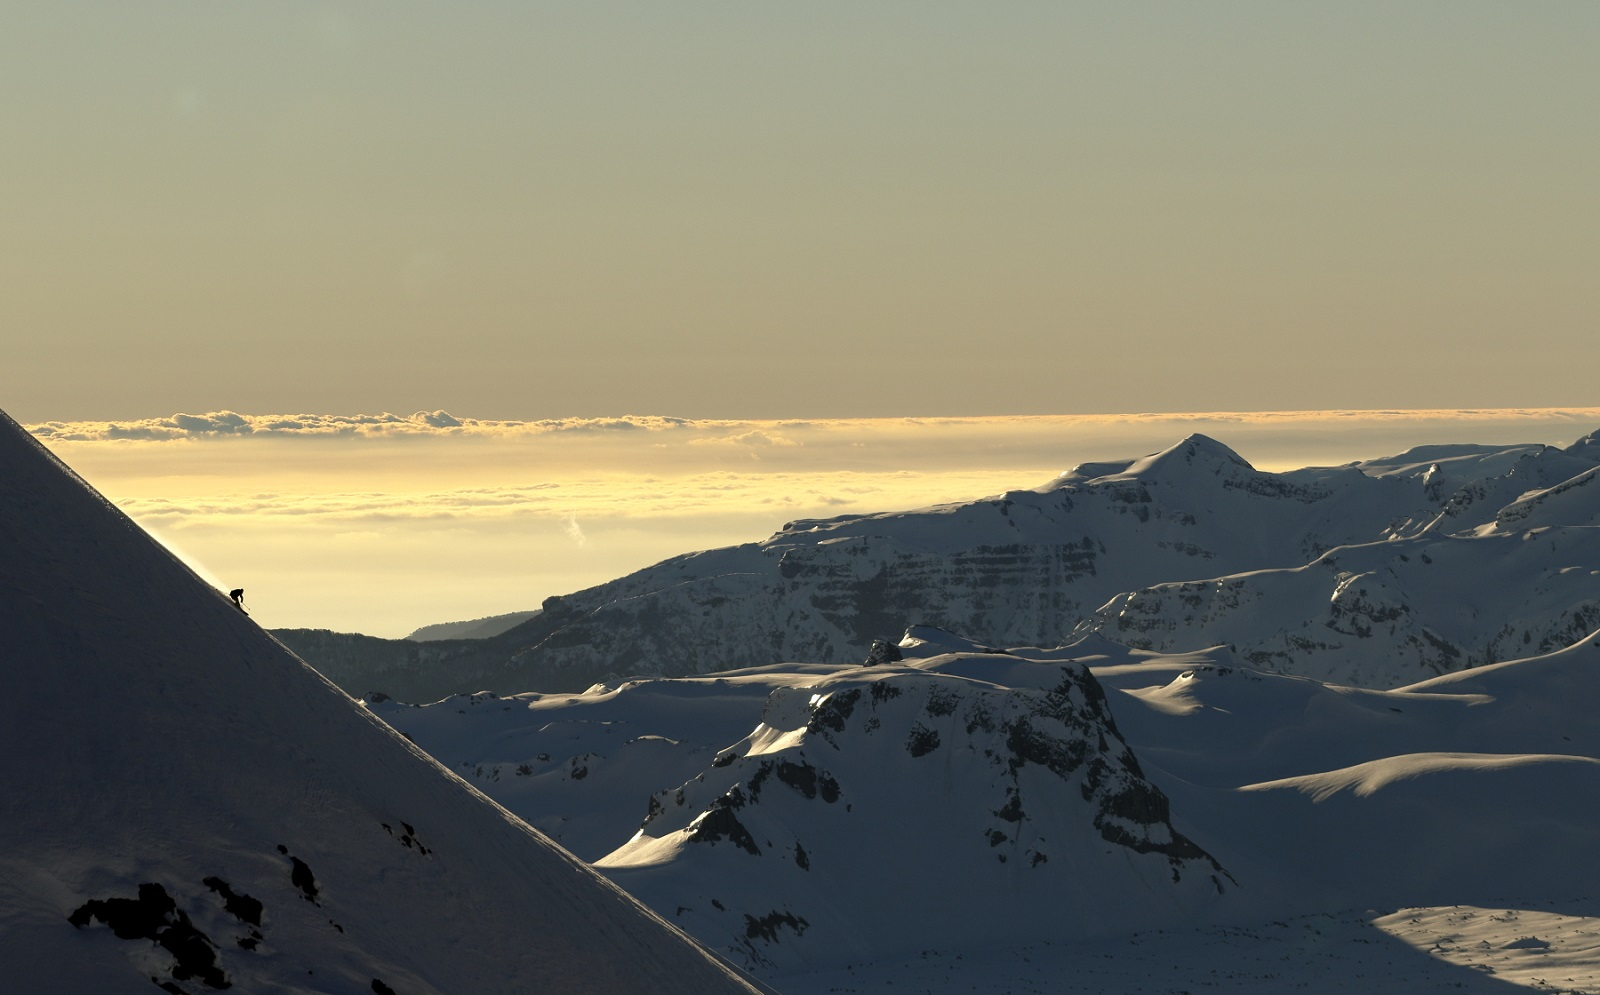 夕陽に染まるアンデス山脈の美しさに時間も忘れて滑り込む。 写真:布施 智基